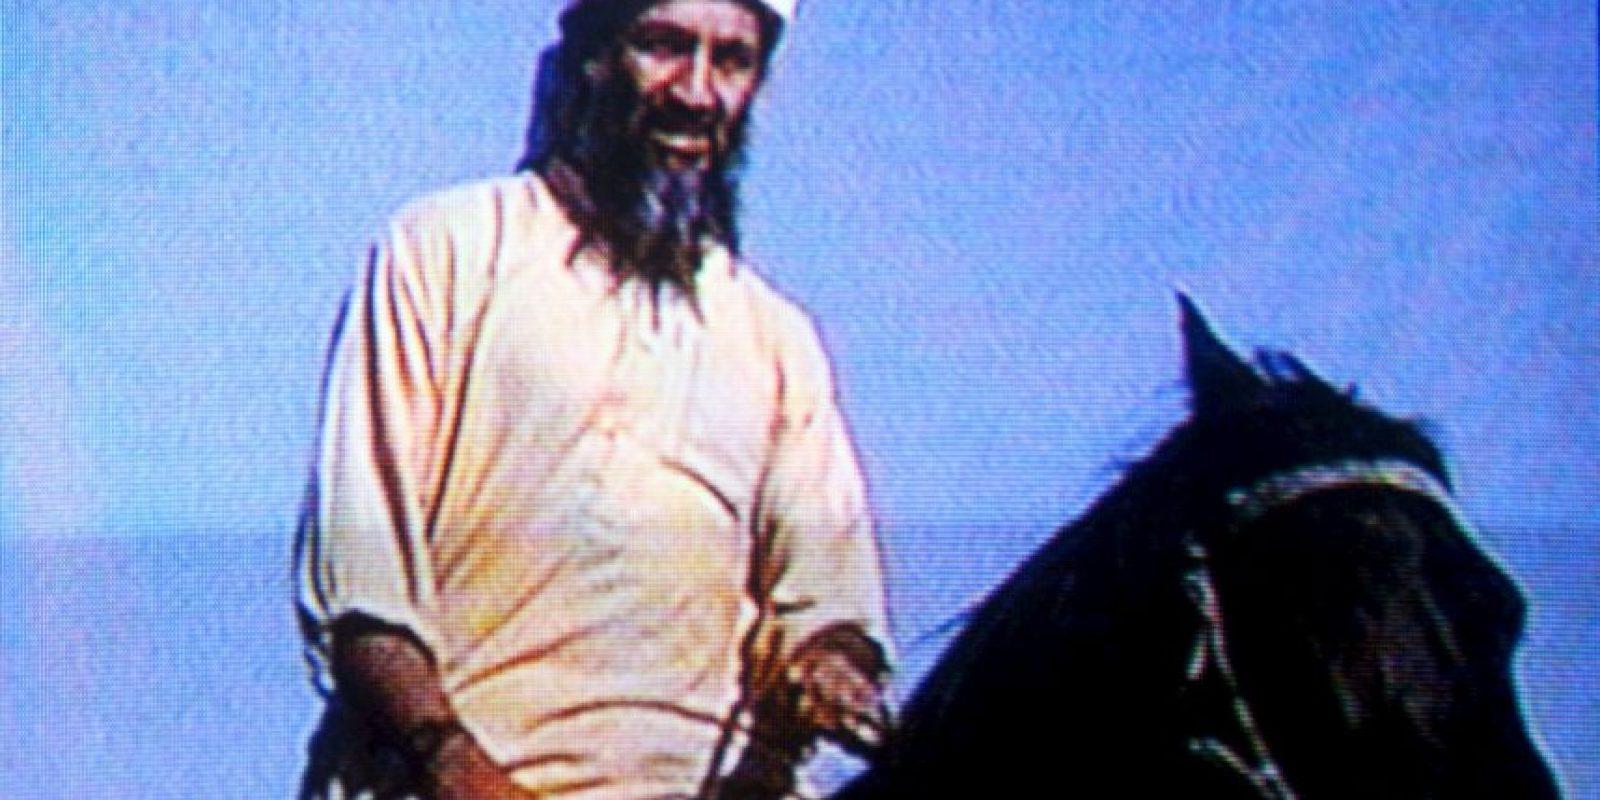 Su fortuna ascendía a más de 300 millones de dólares, según publicó sexenio.com. Foto:Getty